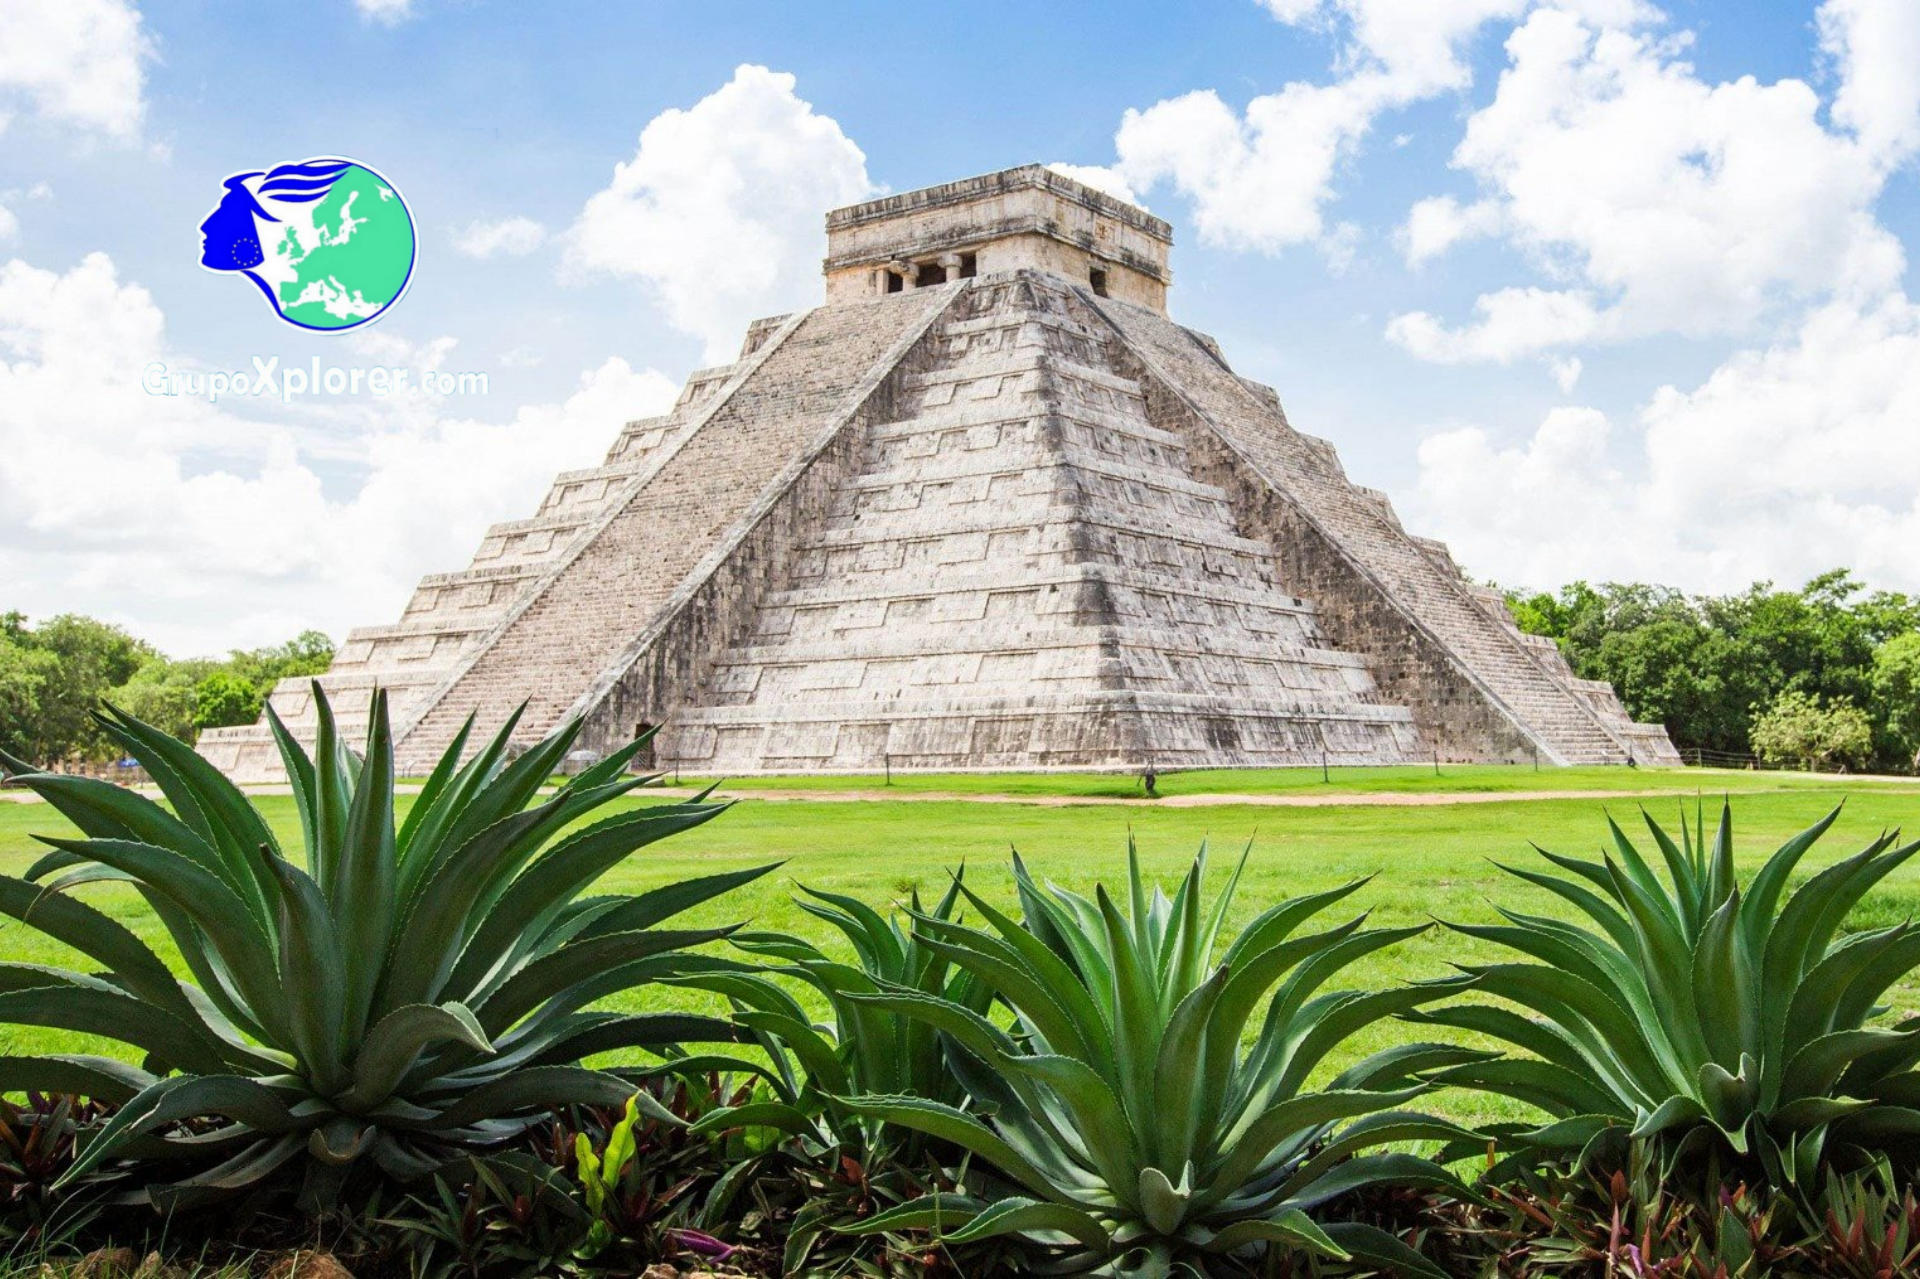 viaja a Riviera Maya, Cancún con todo incluido, vuelos, traslados, seguro de viaje y mucho más durante 9 días y 7 noches